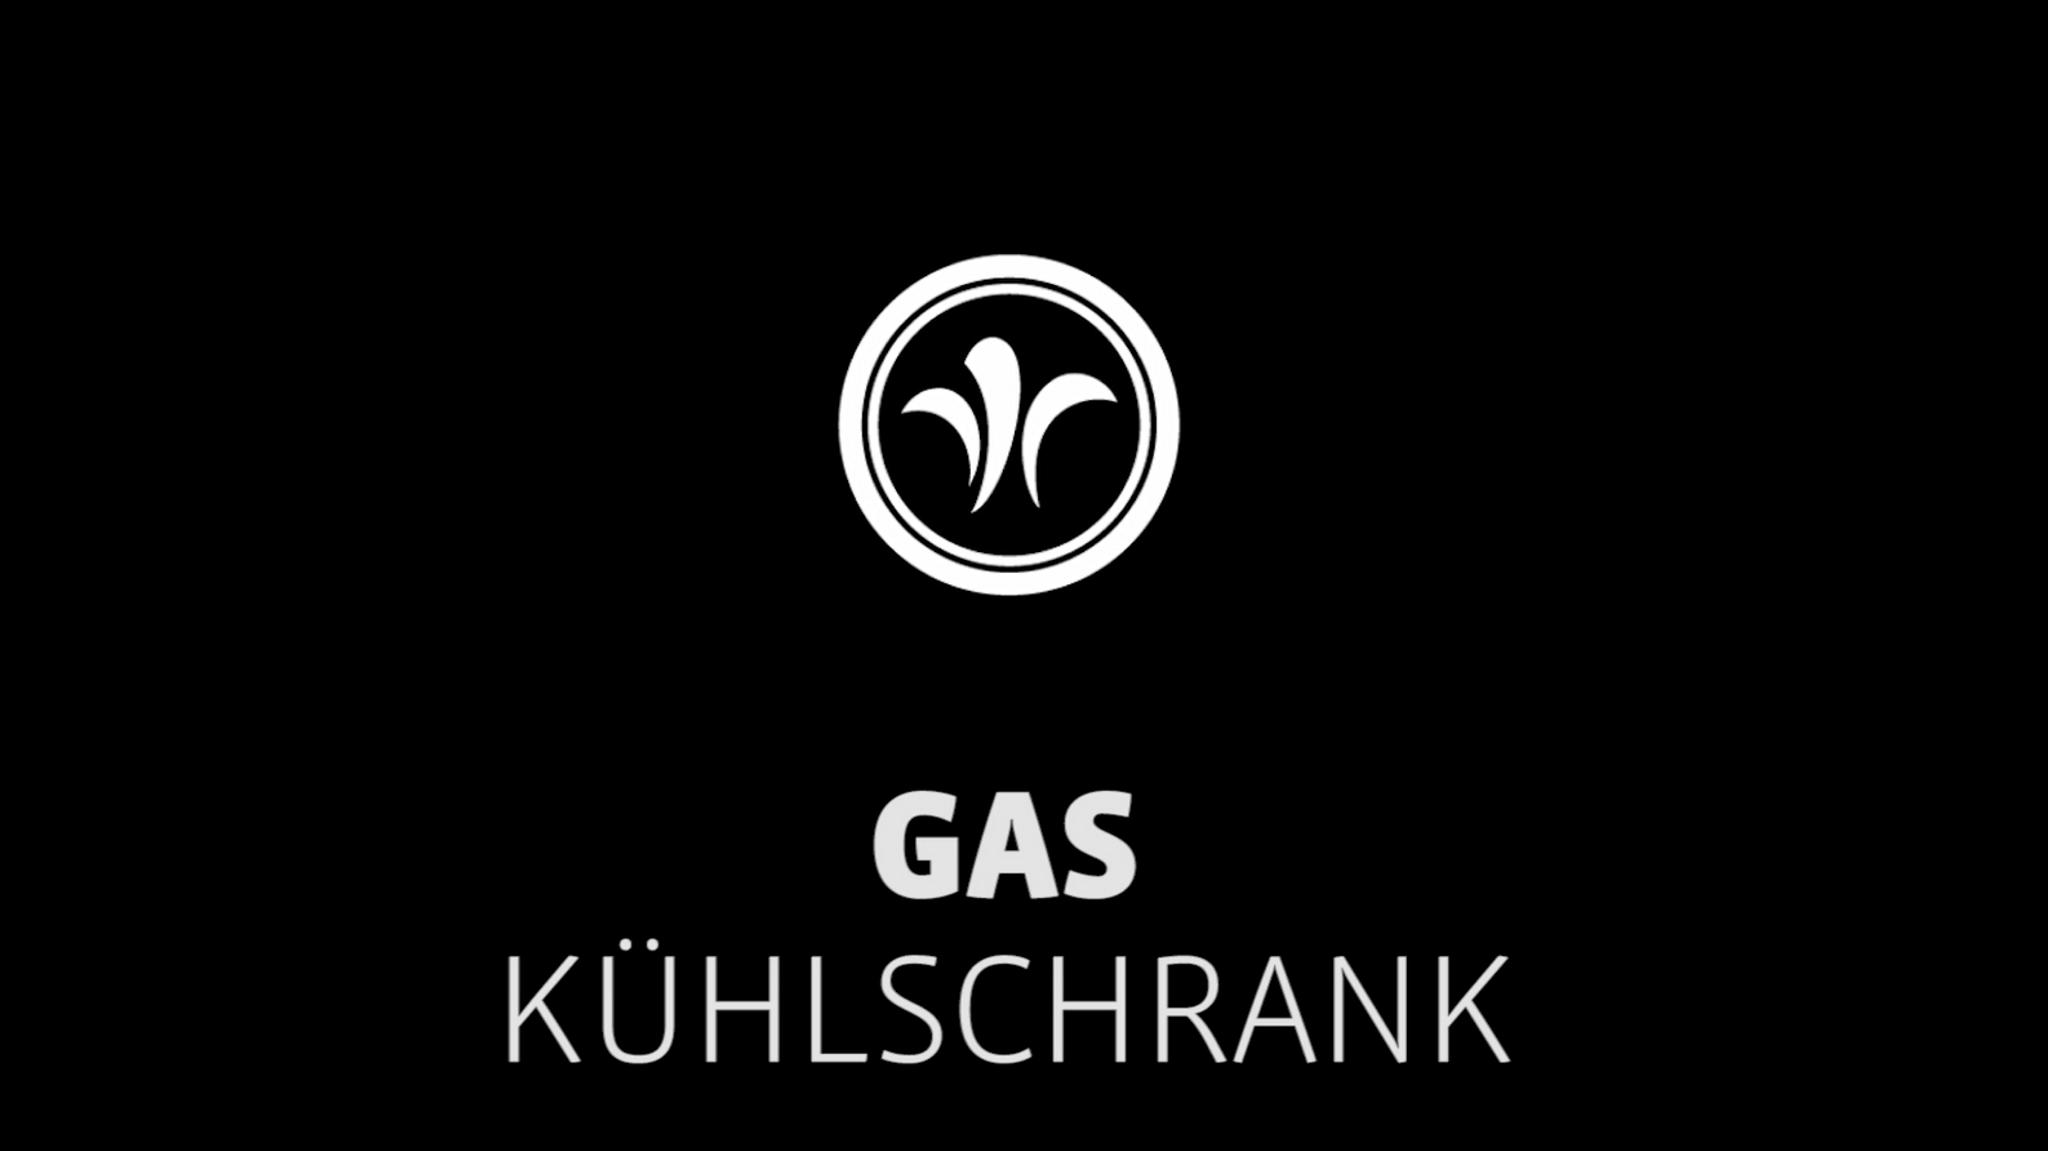 Wohnmobil Kühlschrank // Niesmann+Bischoff – Luxus Wohnmobil (Modell FLAIR) // 2019 // G5